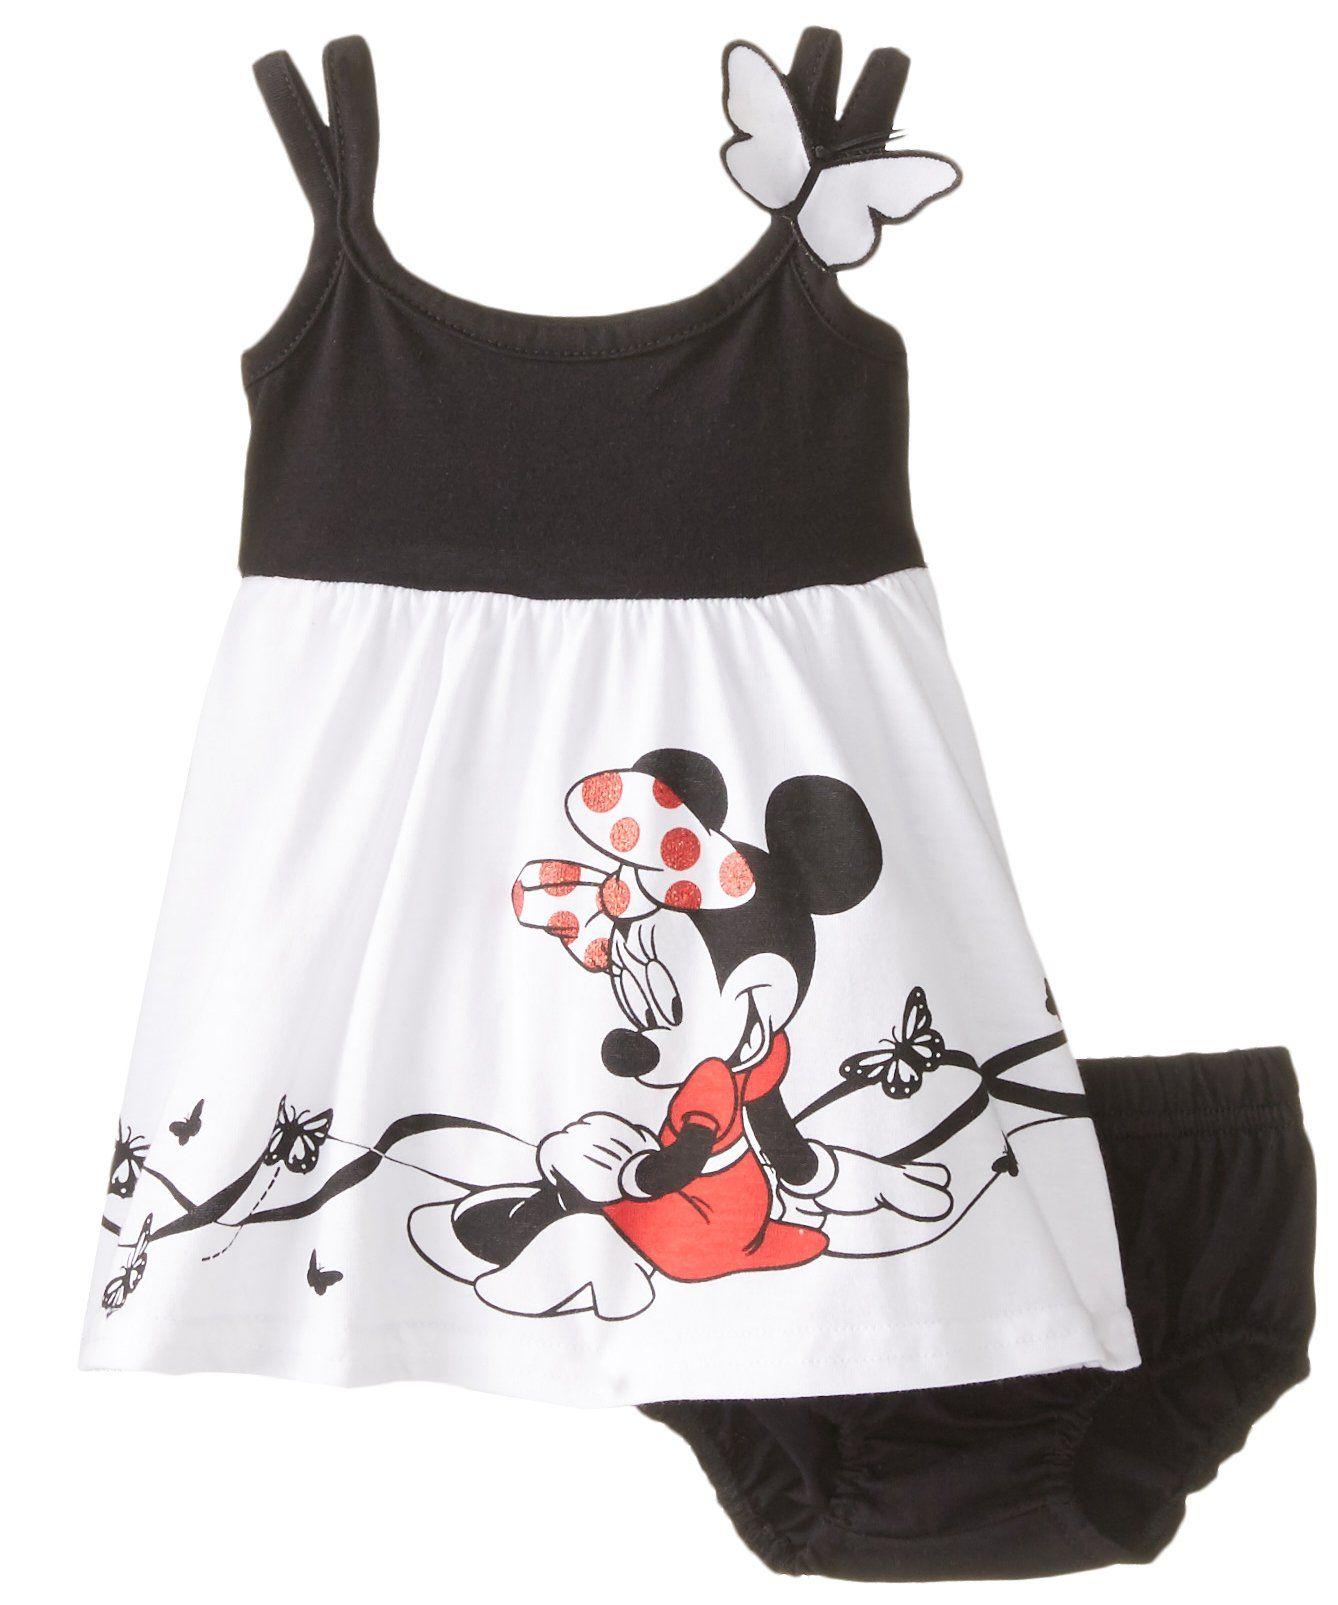 Disney Baby Girls Newborn Minnie Mouse Knit Dress with Panty Set